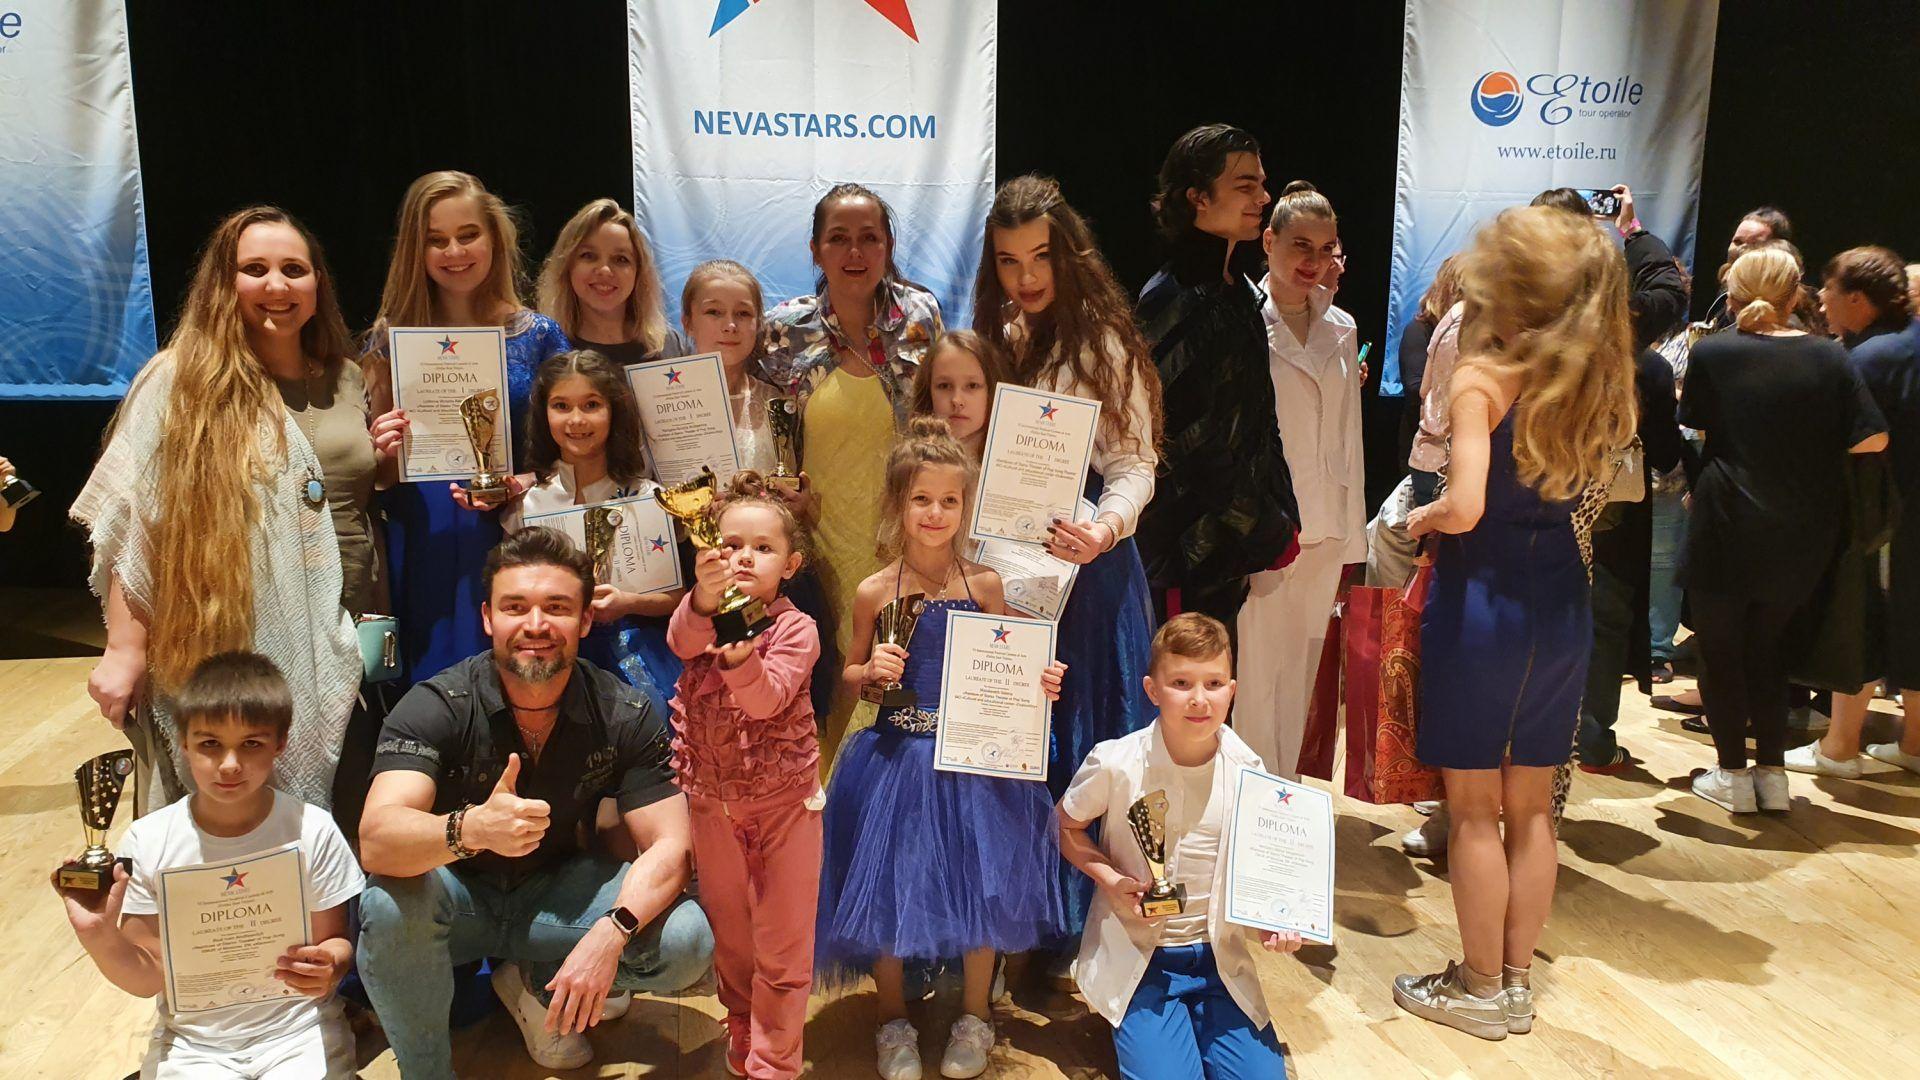 2020 год. Александра со своими учениками на международном песенном конкурсе в Дубае. Фото из личного архива